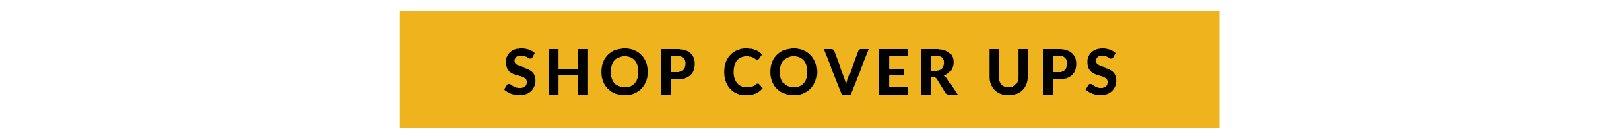 Shop Cover Ups